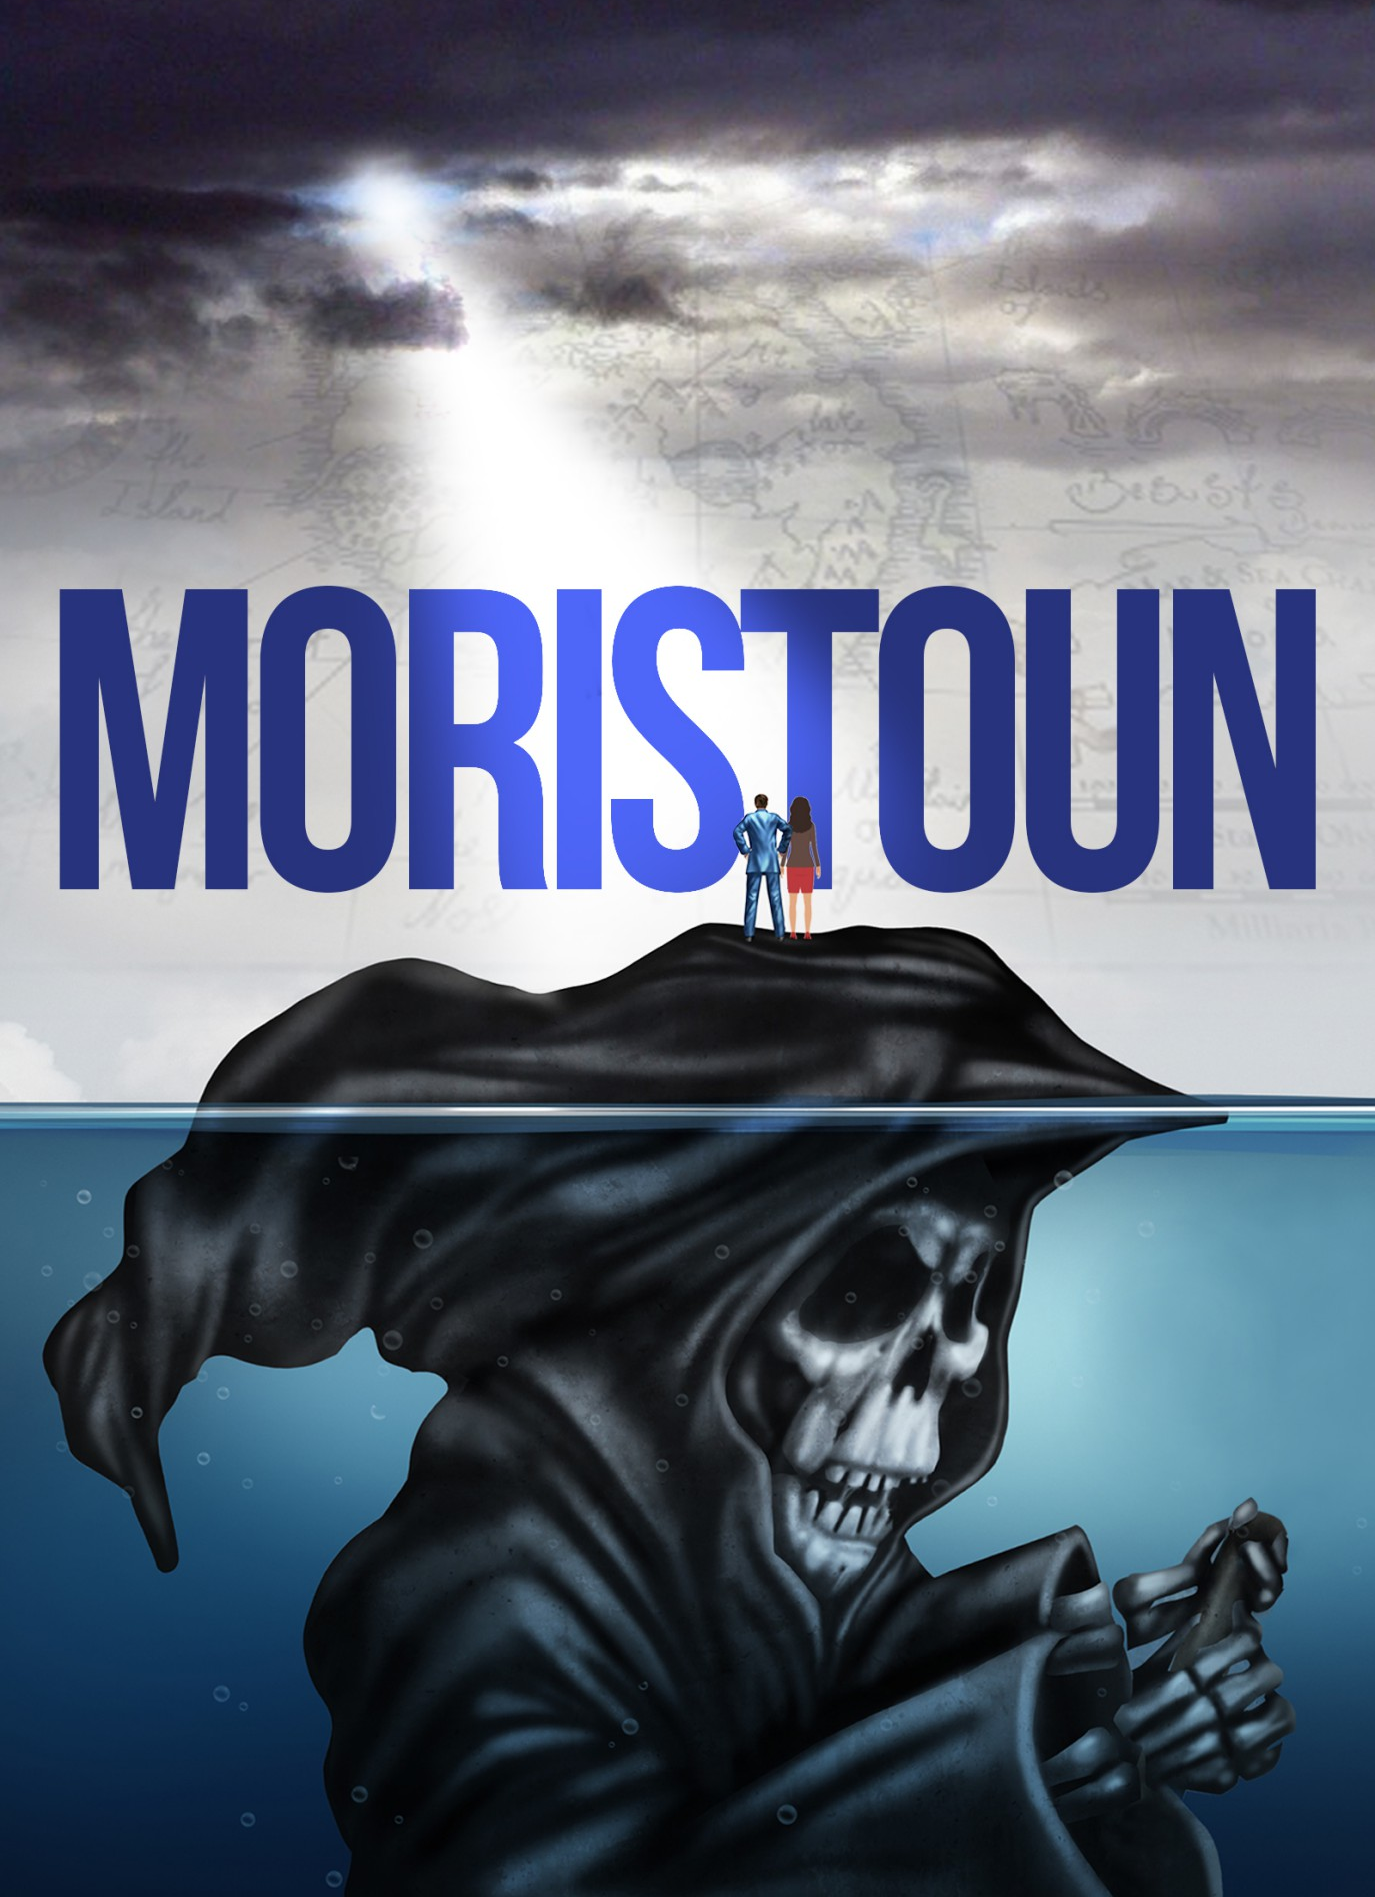 Moristoun